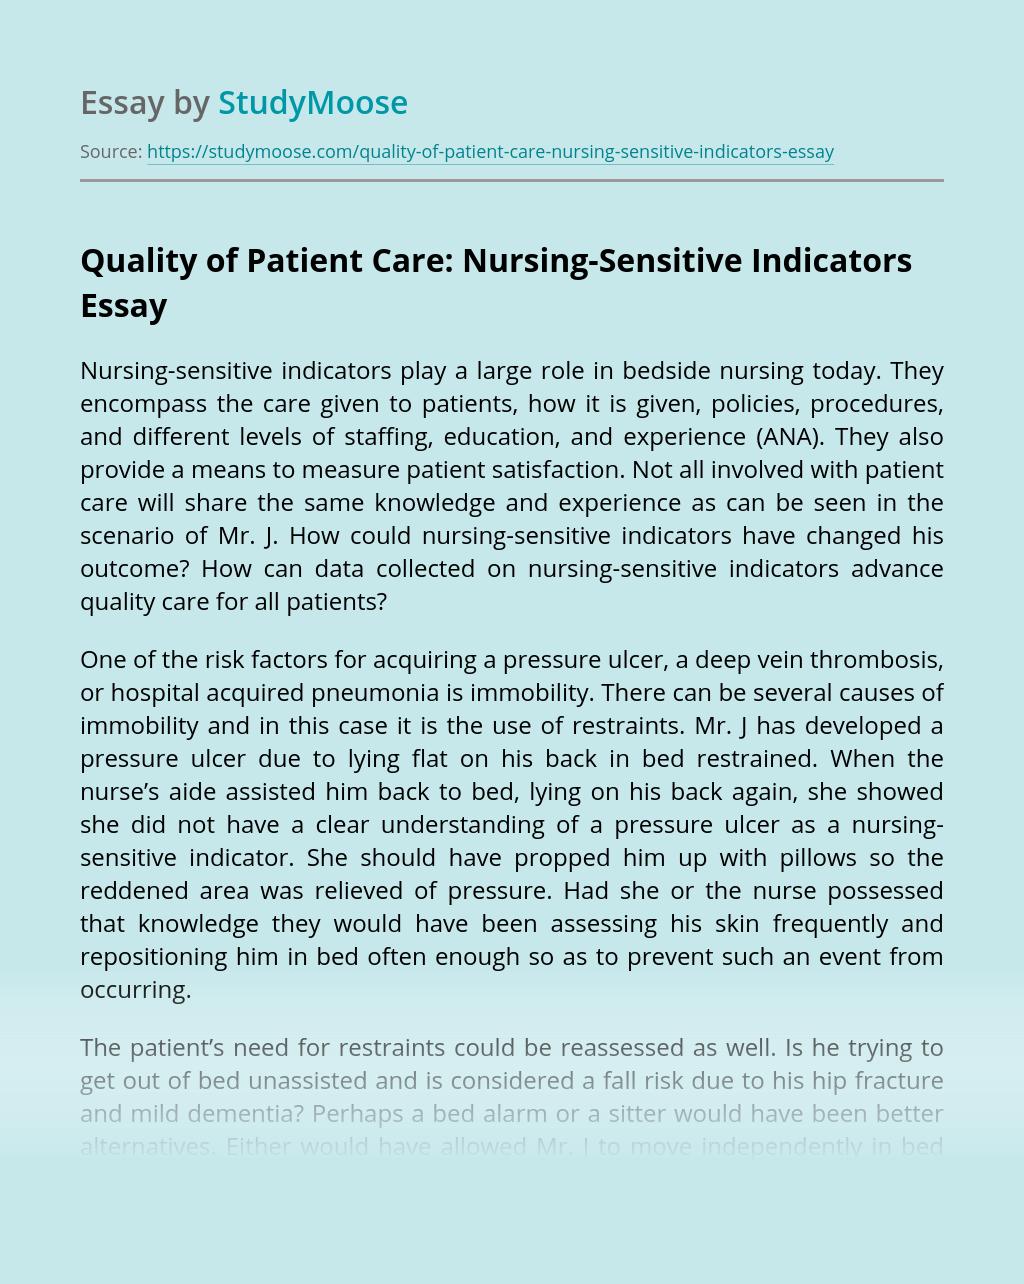 Quality of Patient Care: Nursing-Sensitive Indicators